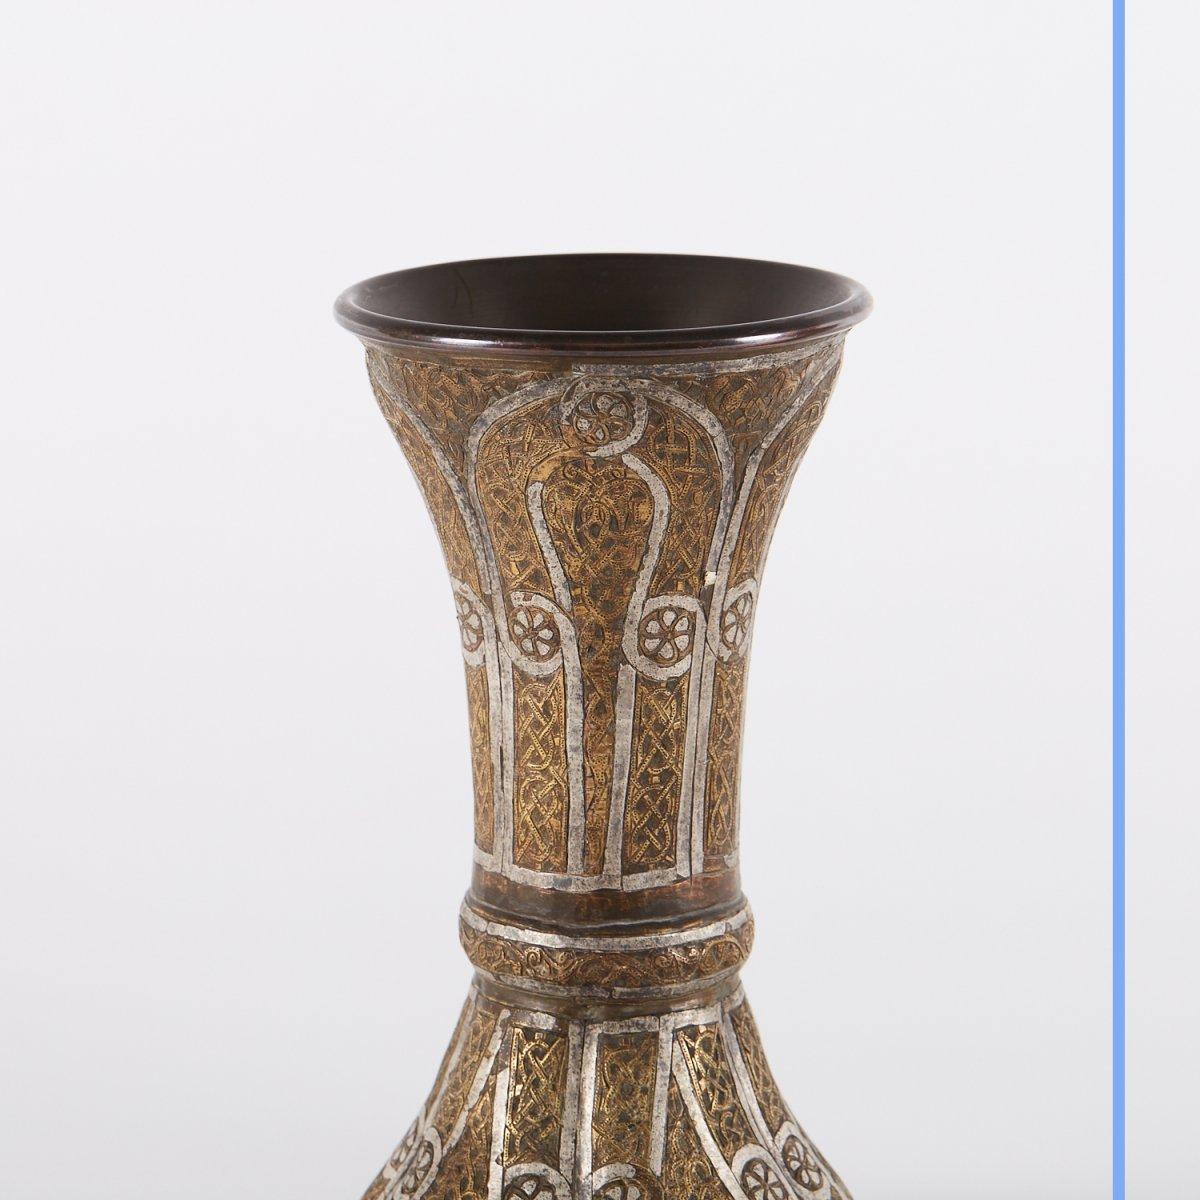 Paire de vases en métal argenté et doré gravé, Syrie, XIXe-photo-2